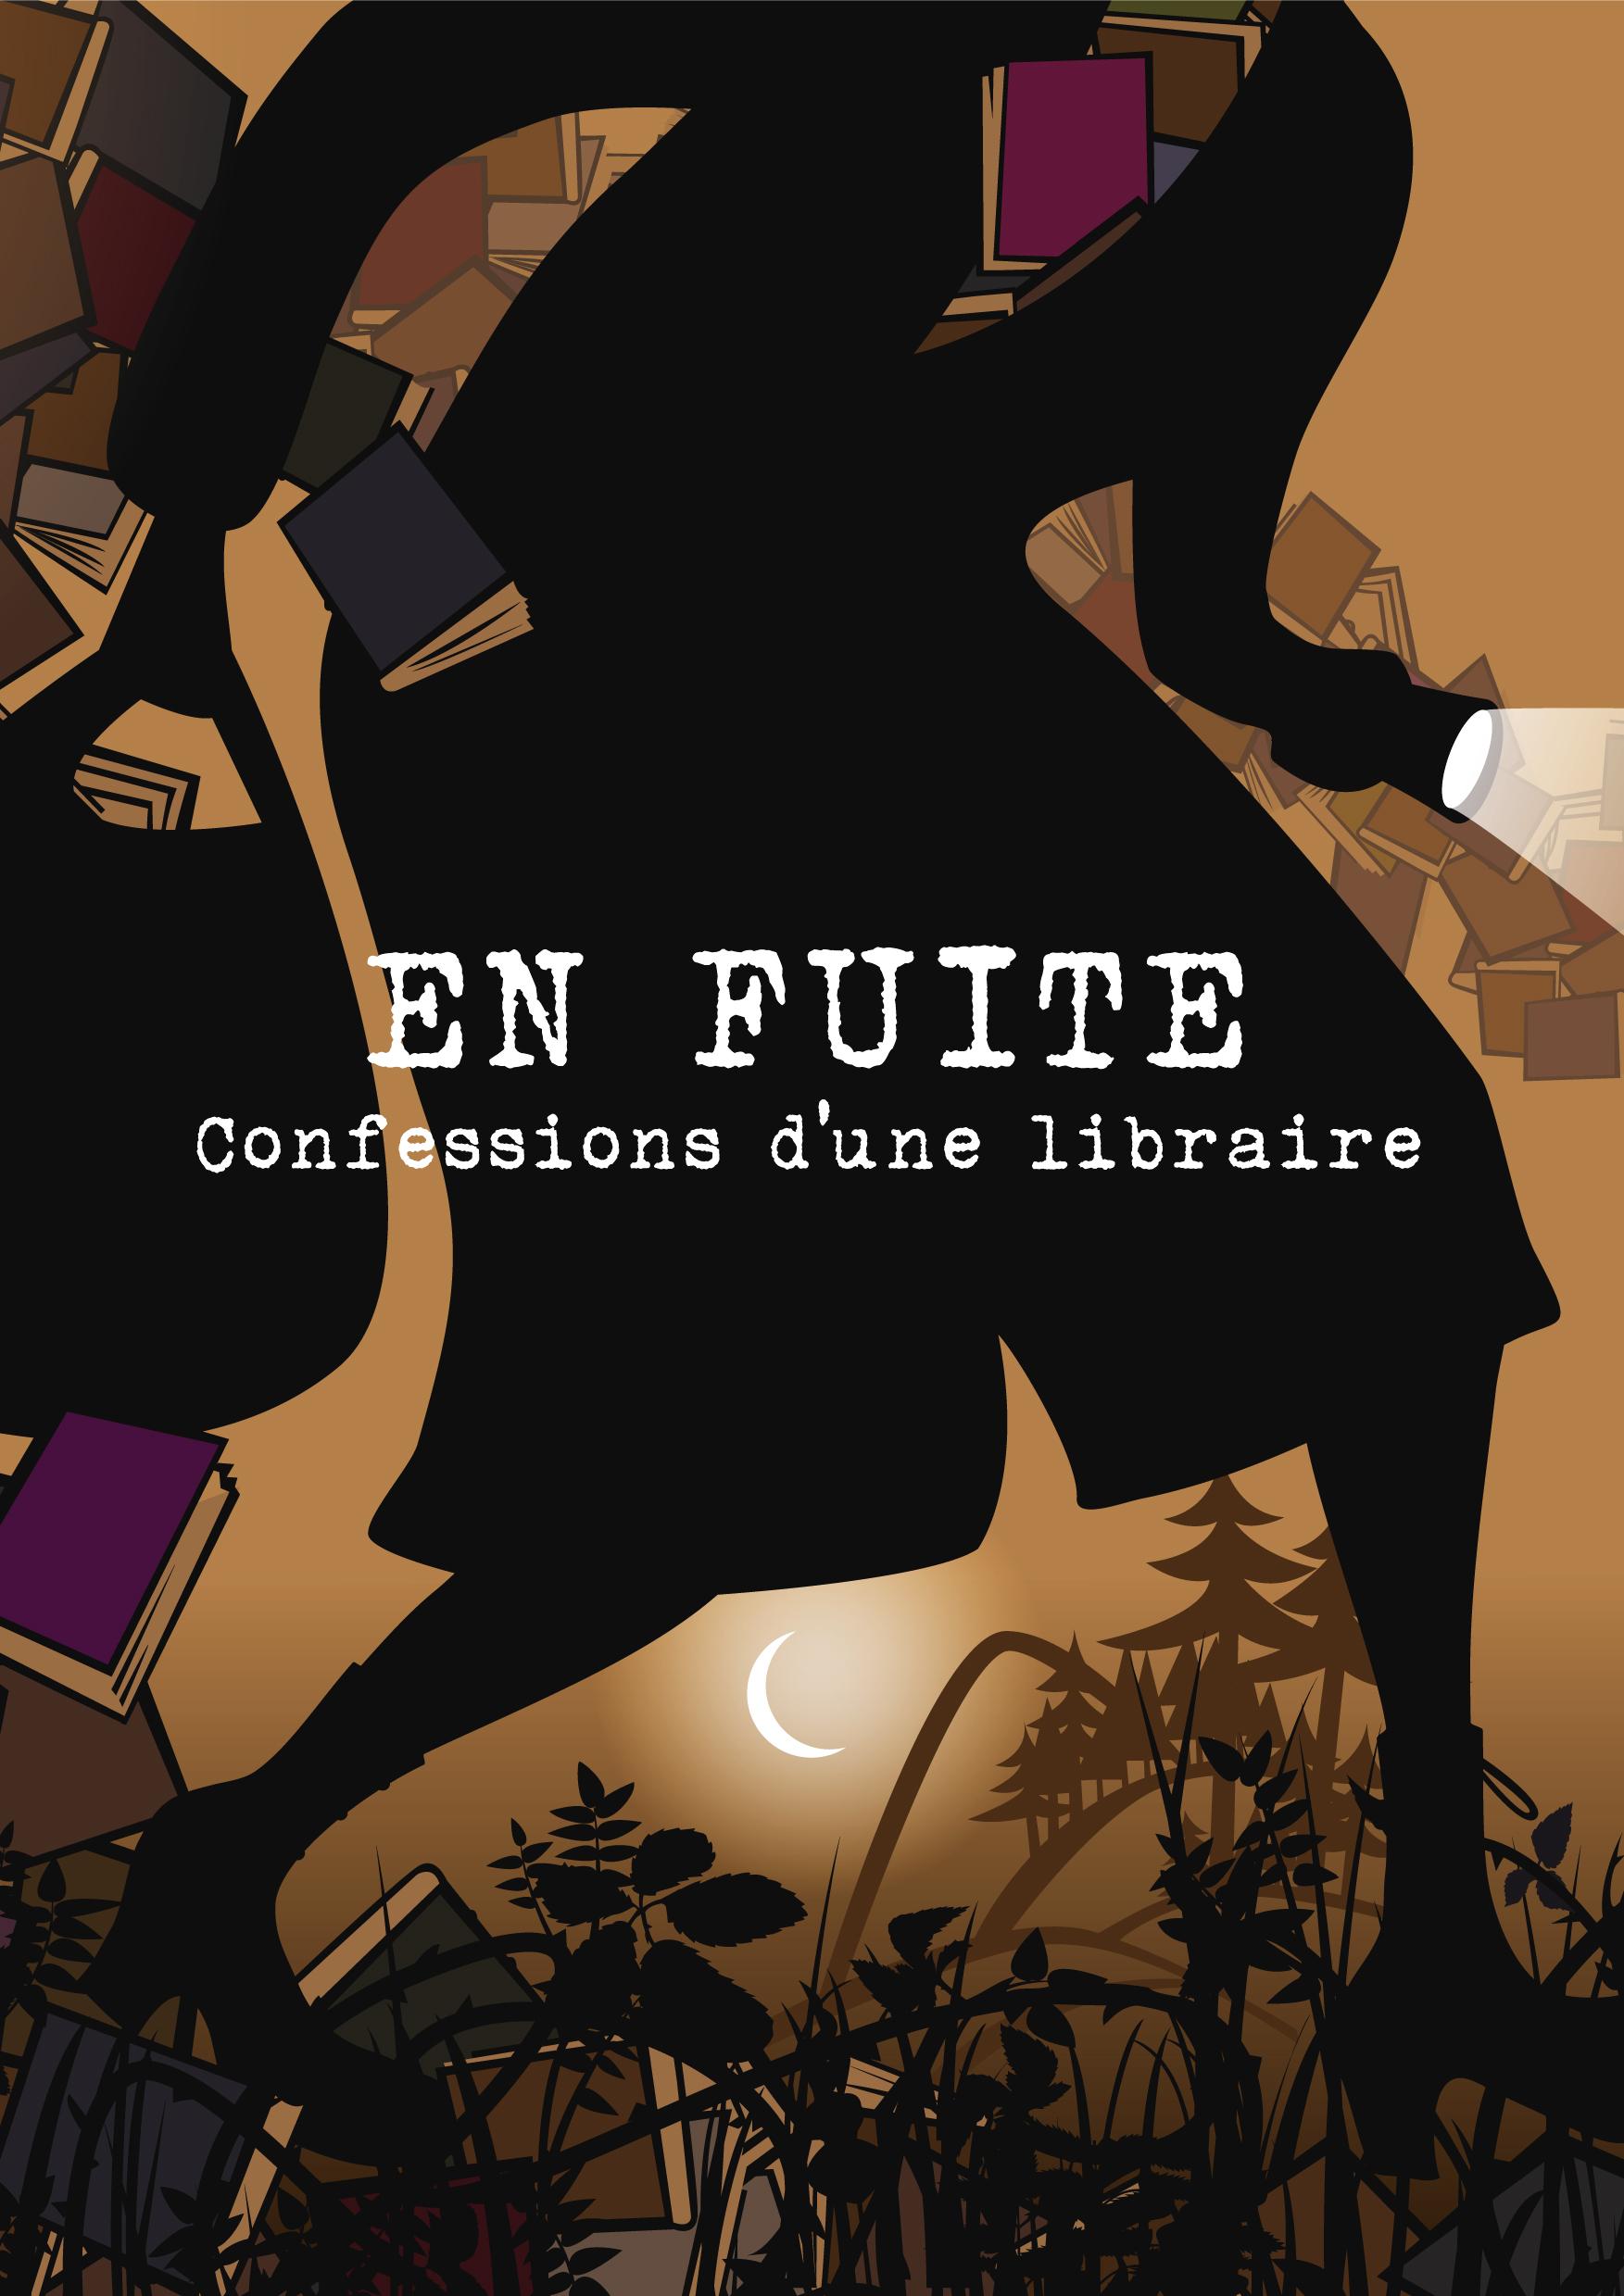 En fuite! «Confessions d'une libraire»